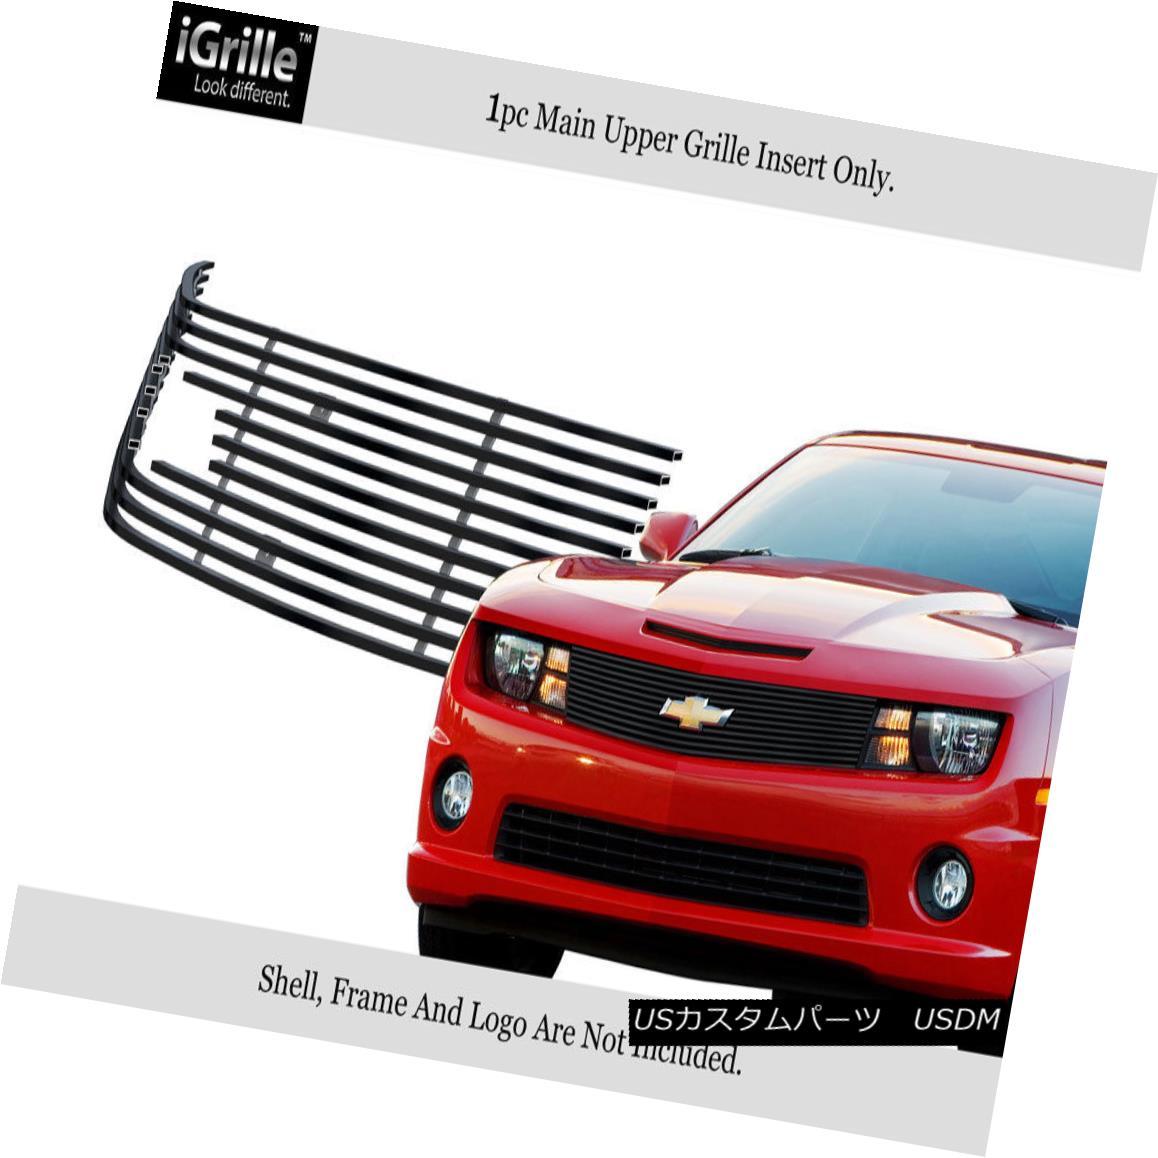 グリル Fits 2010-2013 Chevy Camaro LT/LS/RS/SS Stainless Steel Black Billet Grille フィット2010-2013シボレーカマロLT / LS / RS / SSステンレススチールブラックビレットグリル